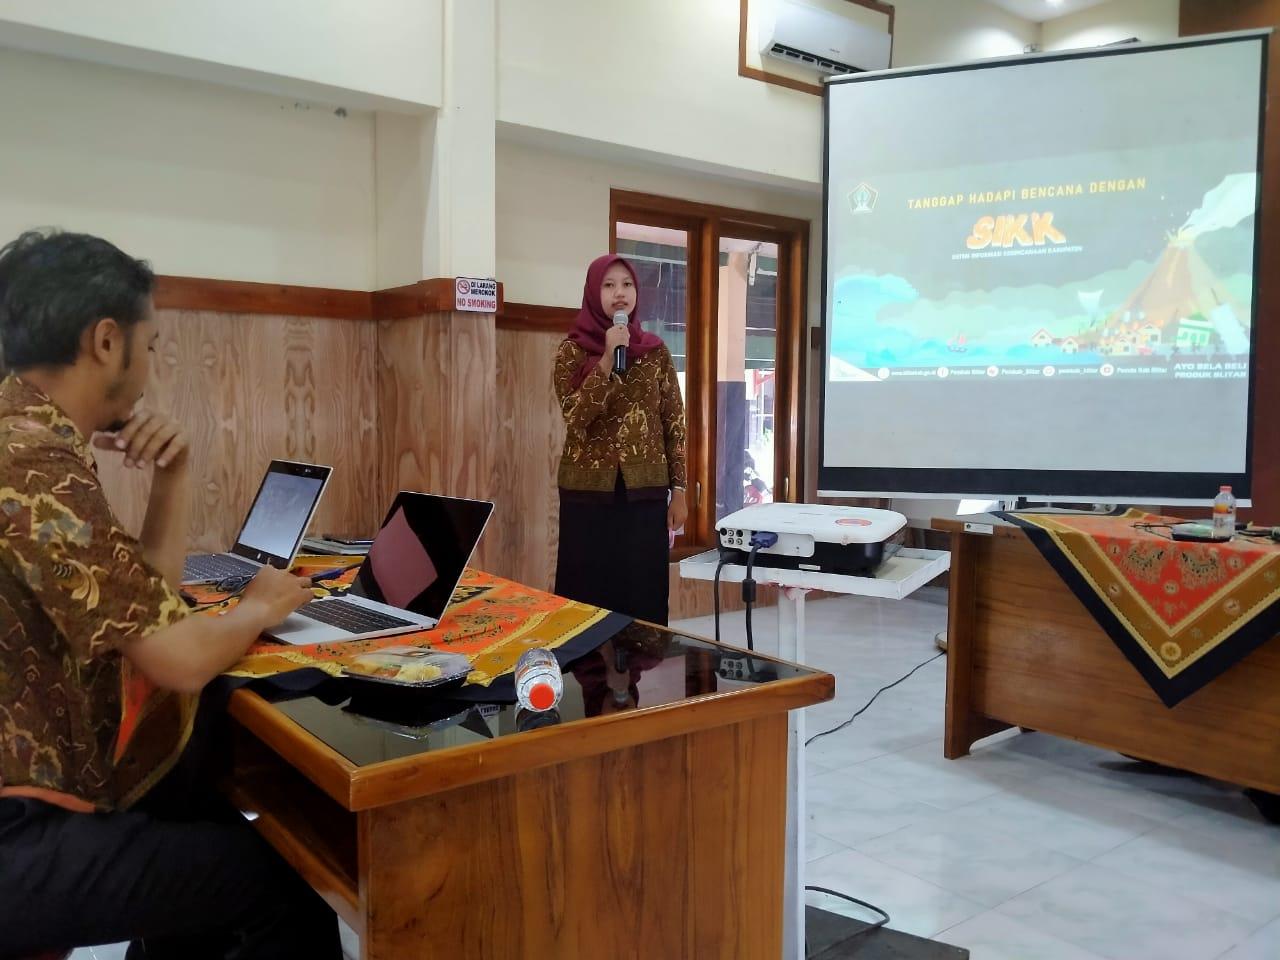 Tanggap Hadapi Bencana dengan Aplikasi Sistem Informasi Kebencanaan Kabupaten Blitar